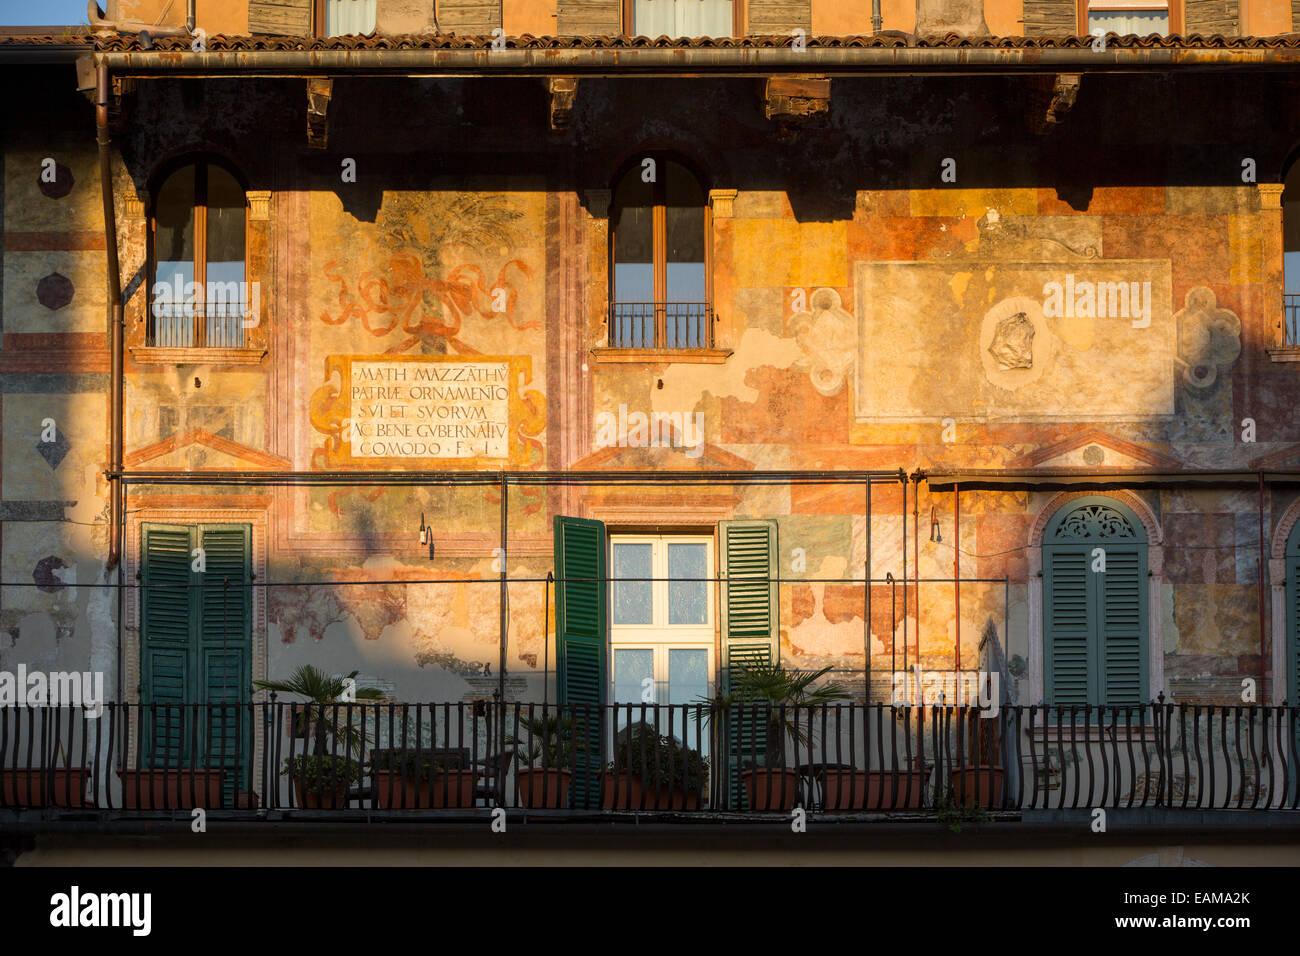 Festlegen von Sonnenlicht auf die historischen Gebäude rund um die Piazza Delle Erbe, Verona, Veneto, Italien Stockbild